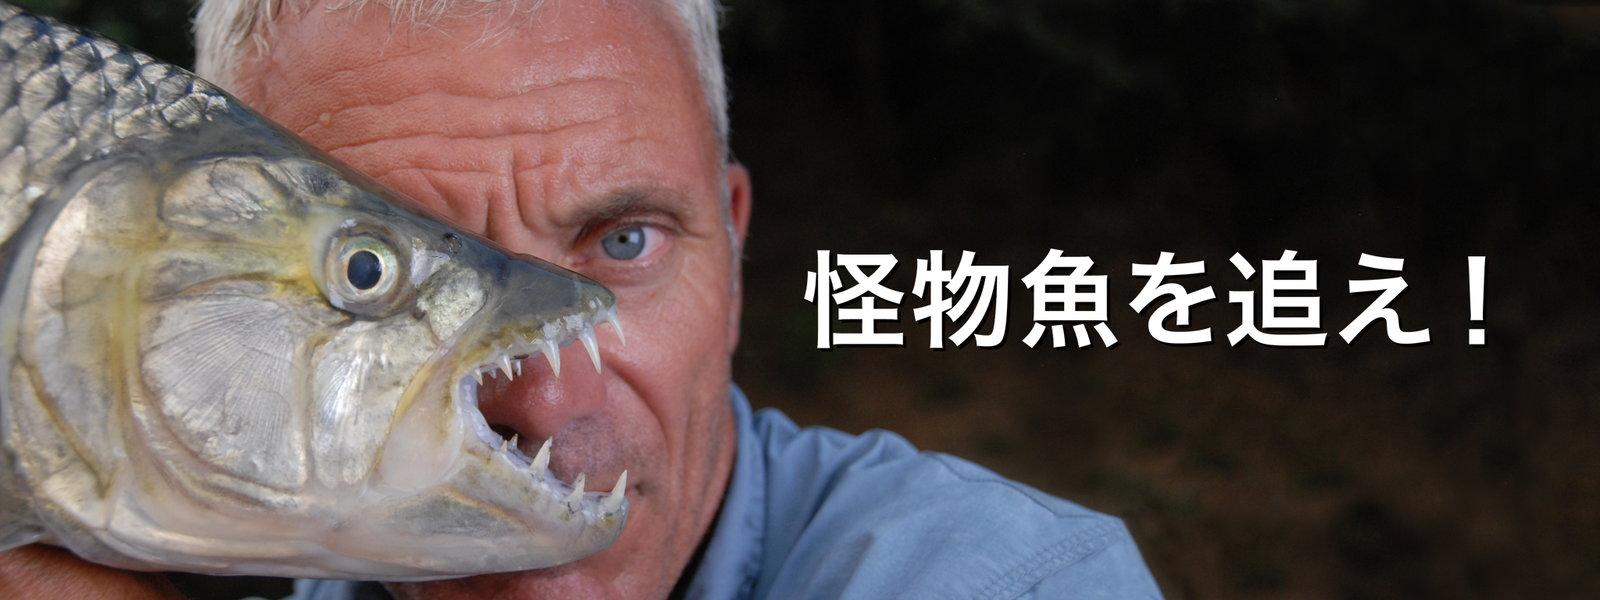 怪物魚を追え! 動画